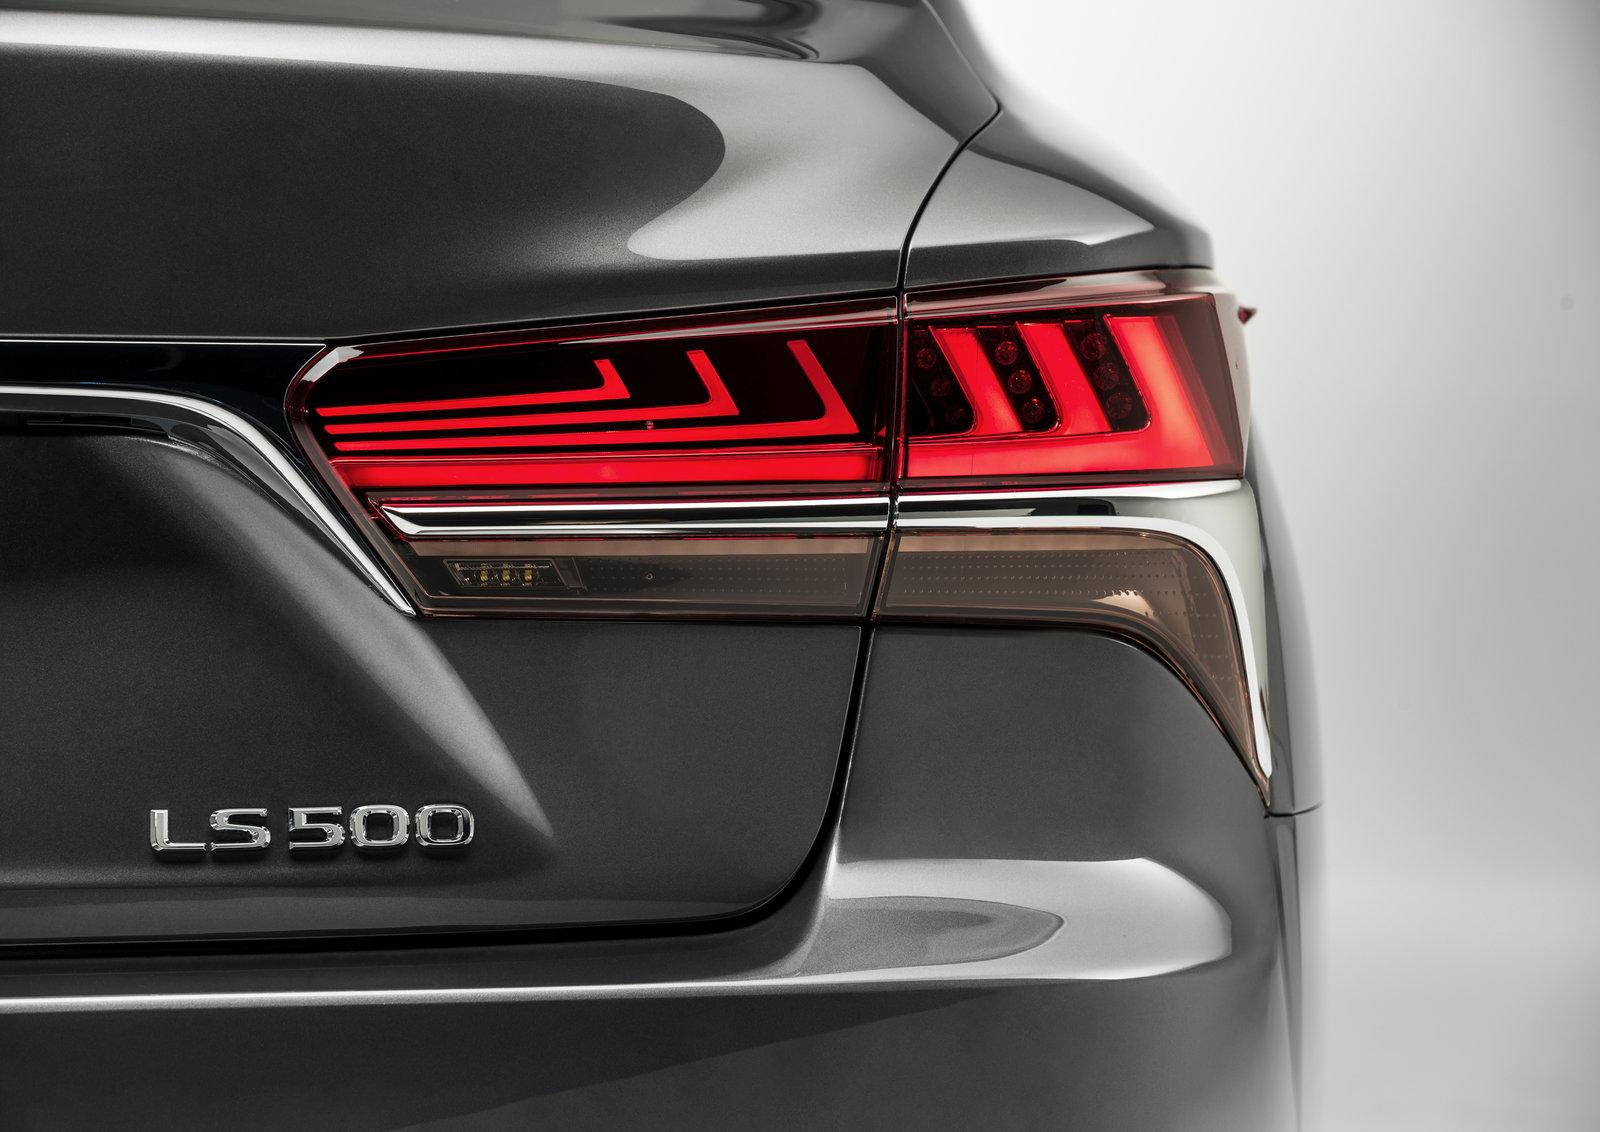 2018 lexus 600h. plain 2018 lexus ls 500h throughout 2018 lexus 600h